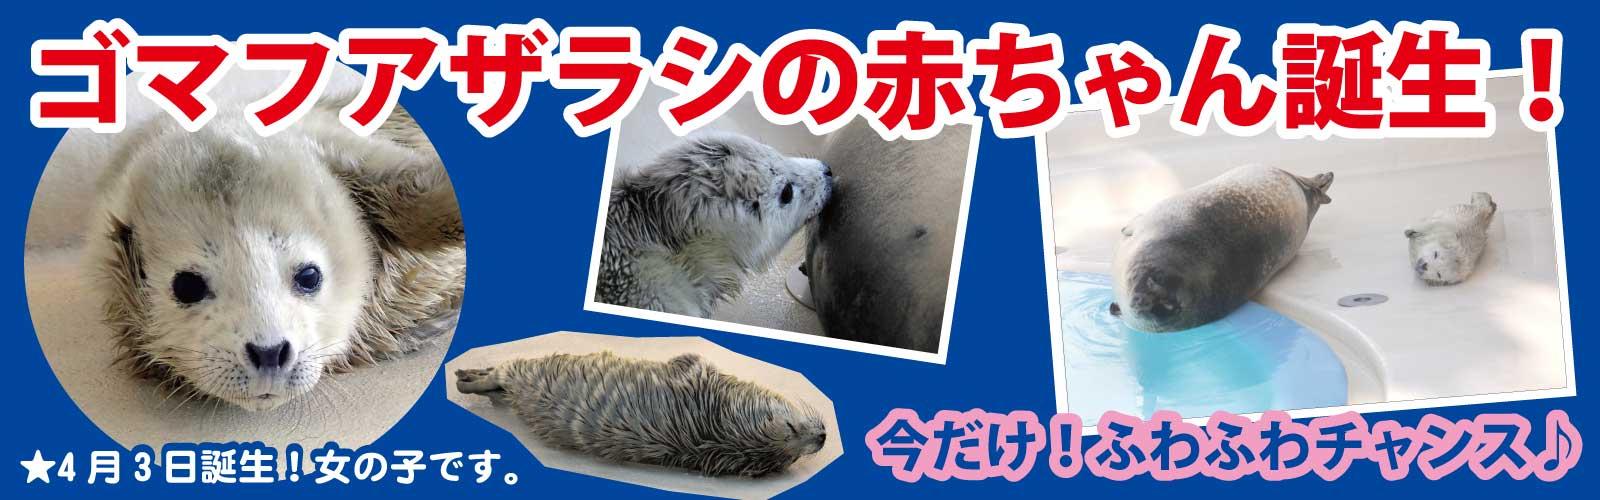 ゴマフアザラシの赤ちゃん誕生!